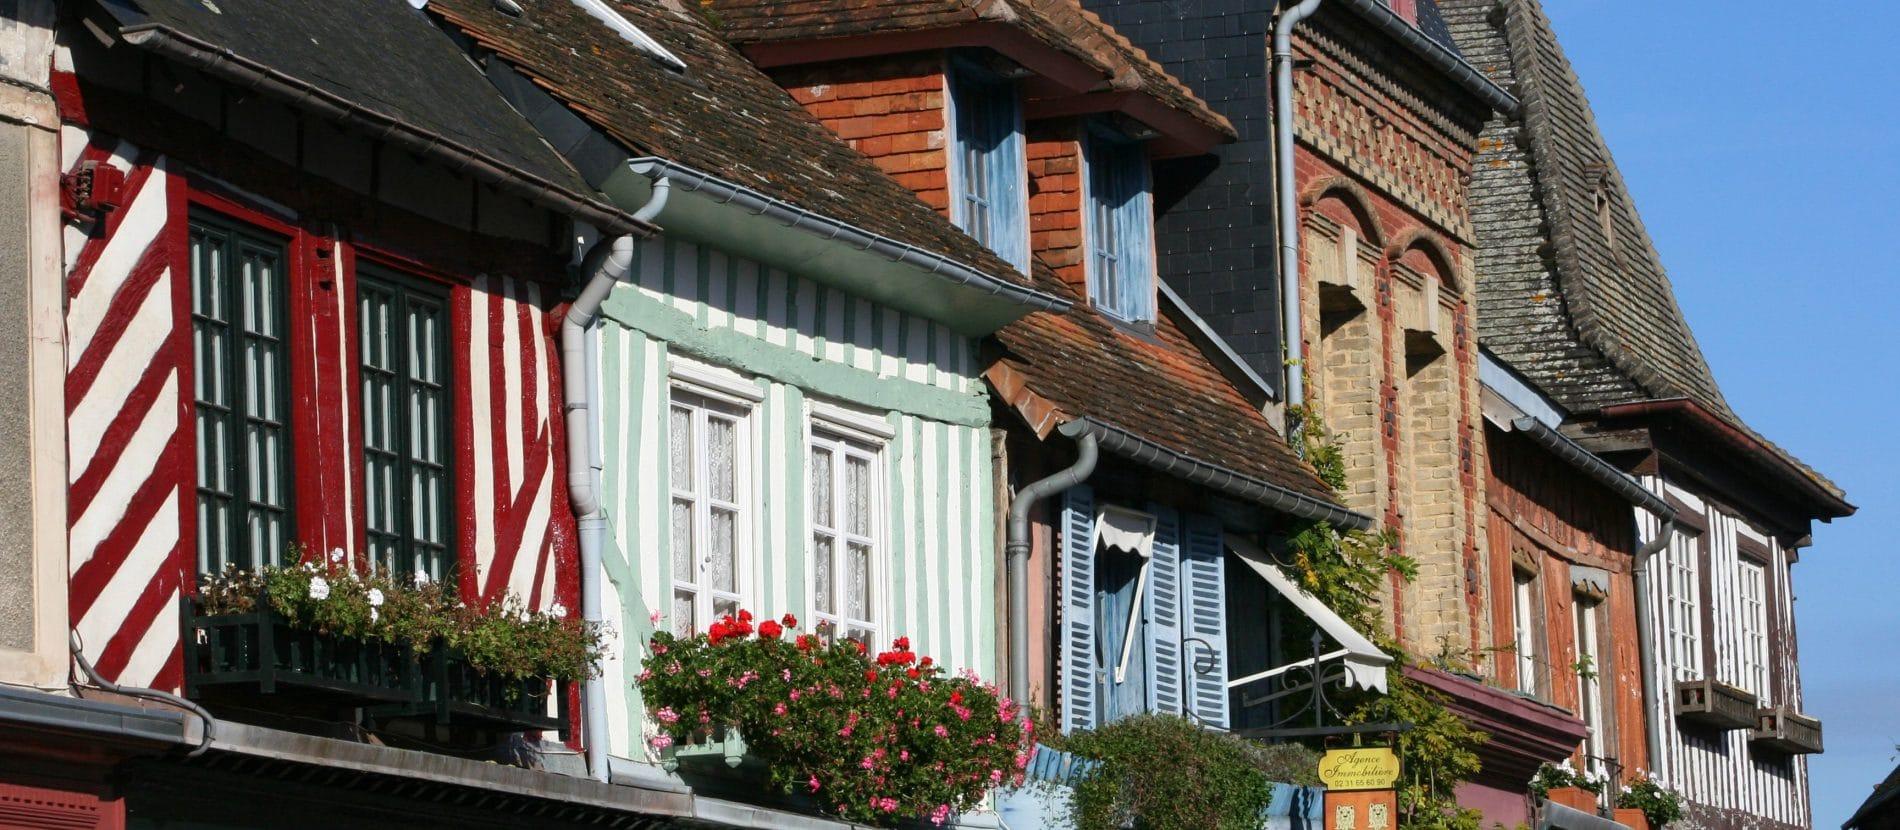 Vues sur les colombages de Beaumont-en-Auge